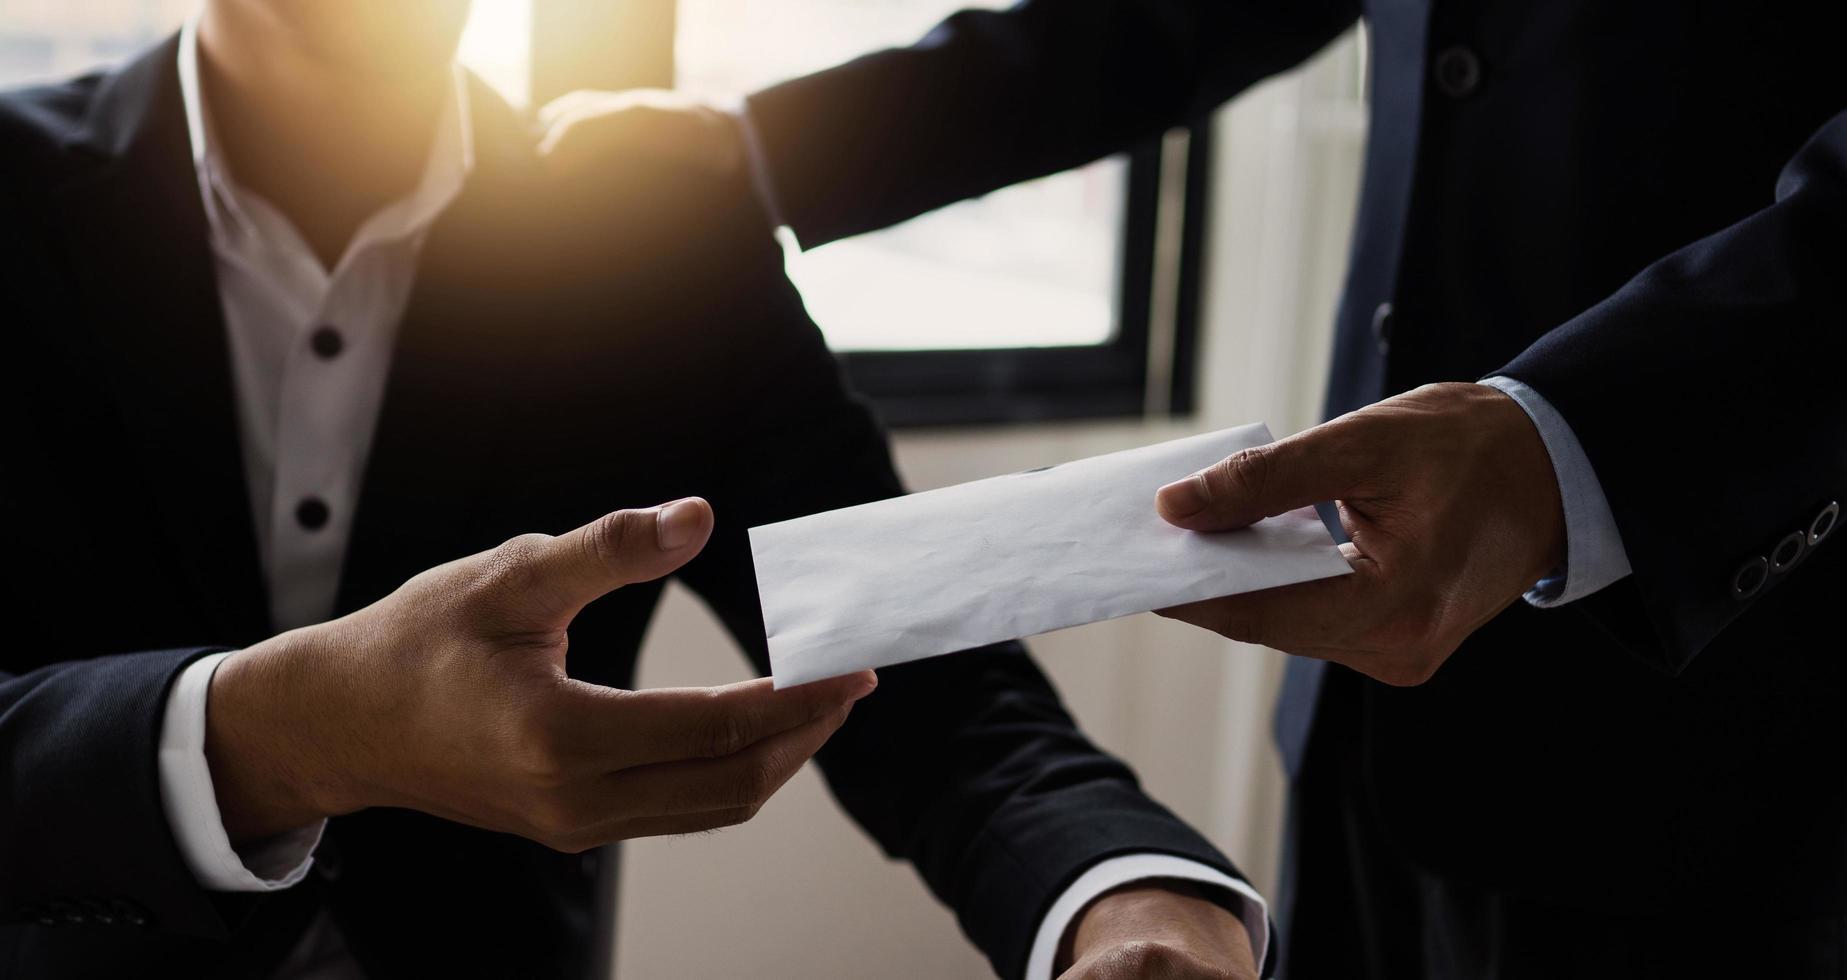 fönsterbelyst scen av två affärsmän som byter ut ett kuvert foto